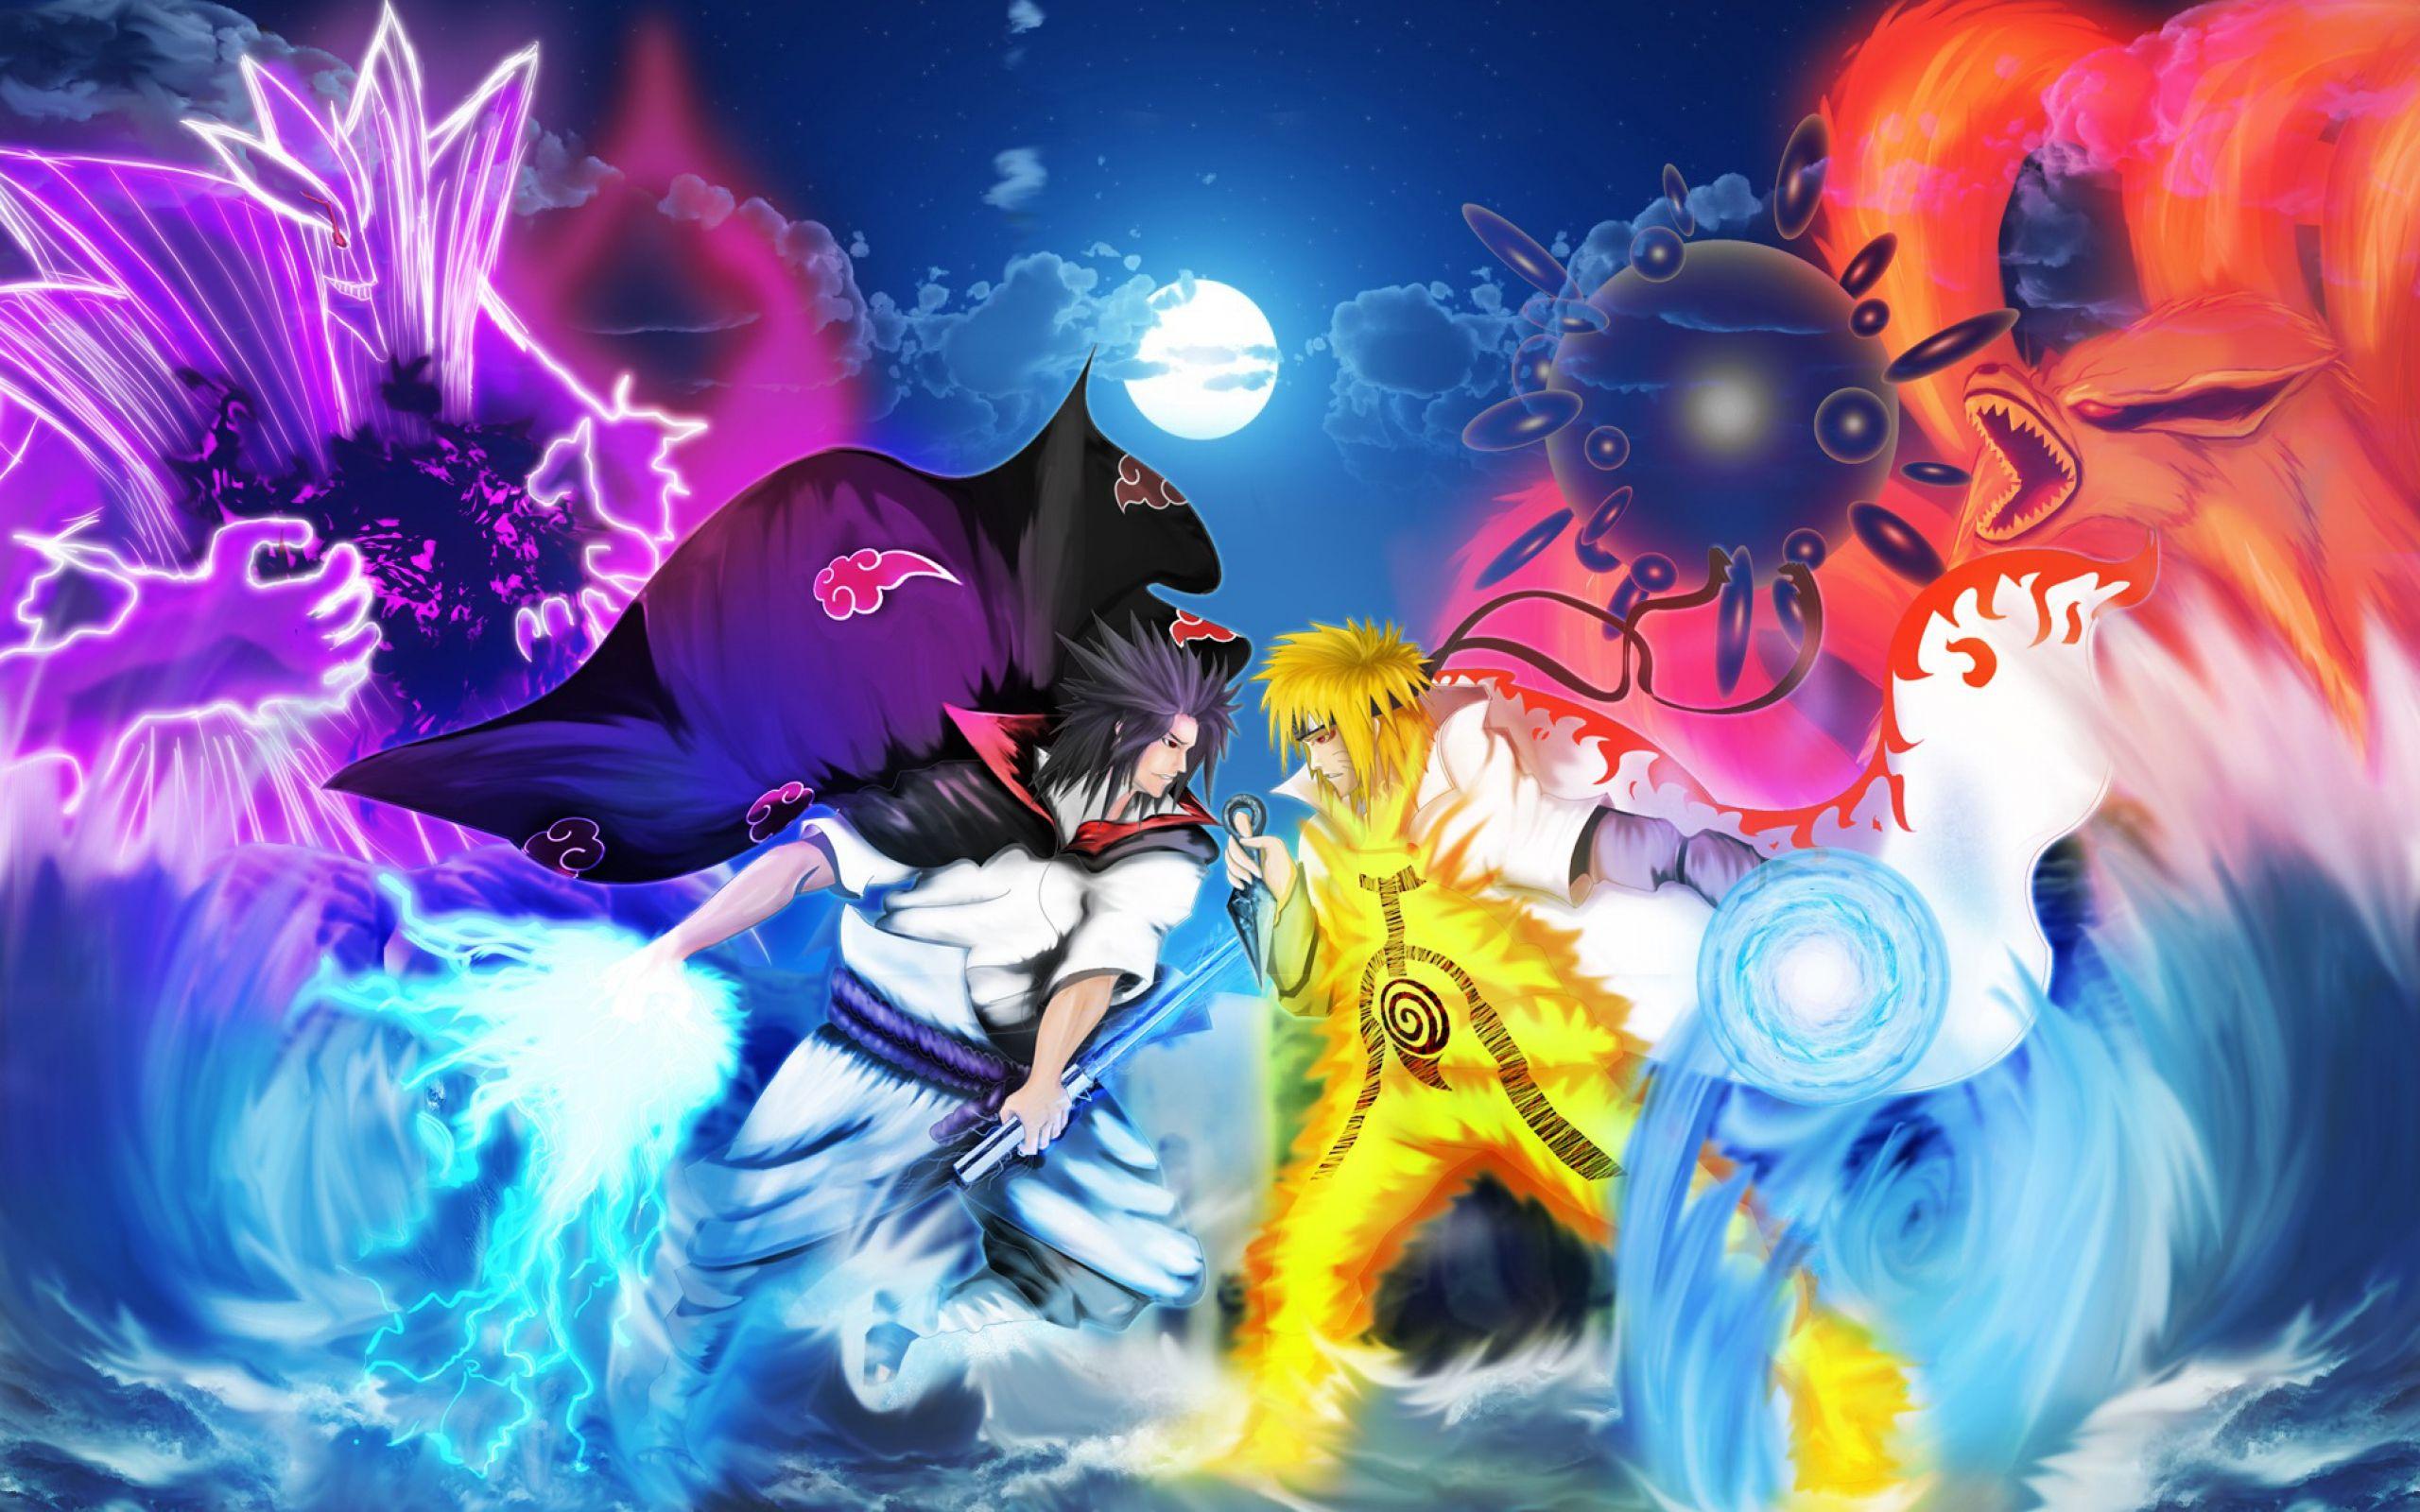 Anime Naruto Vs Sasuke WallPaper HD